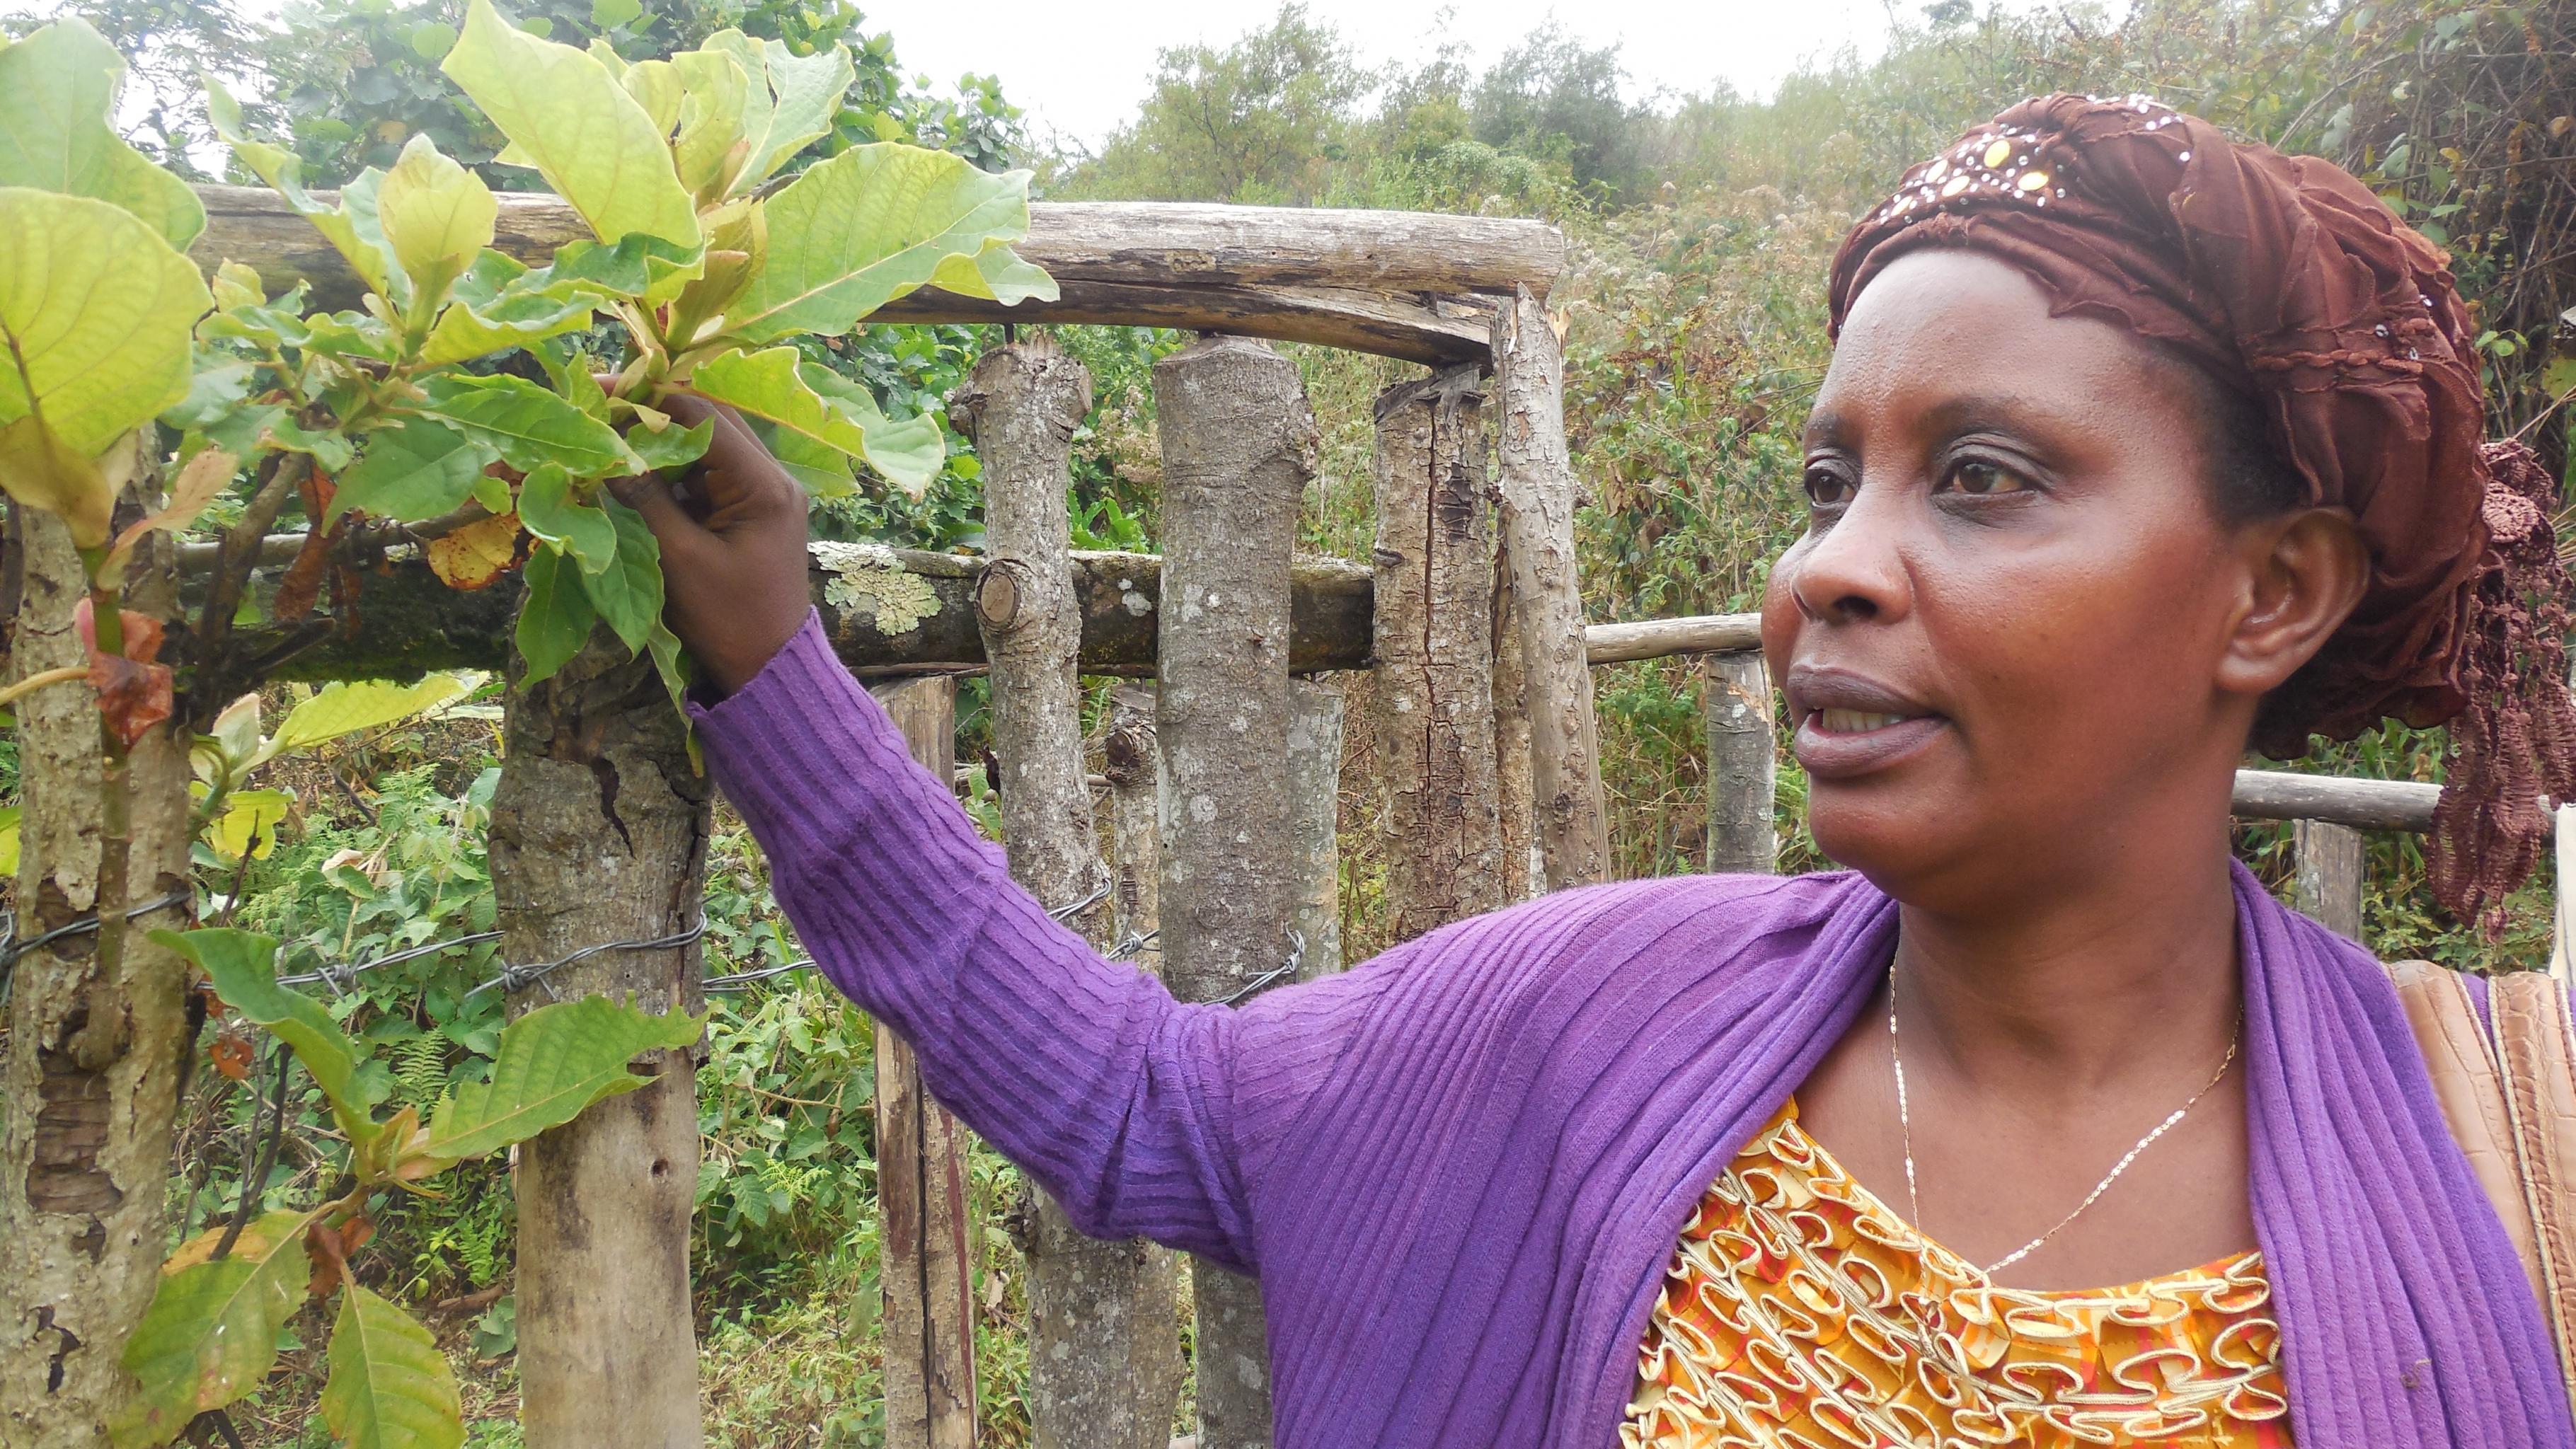 Gudile Nasine von Oxfams kongolesischer Partnerorganisation zeigt, wie Bäume als natürliche Einzäunungen für Felder und Quelleinfassungen genutzt werden.